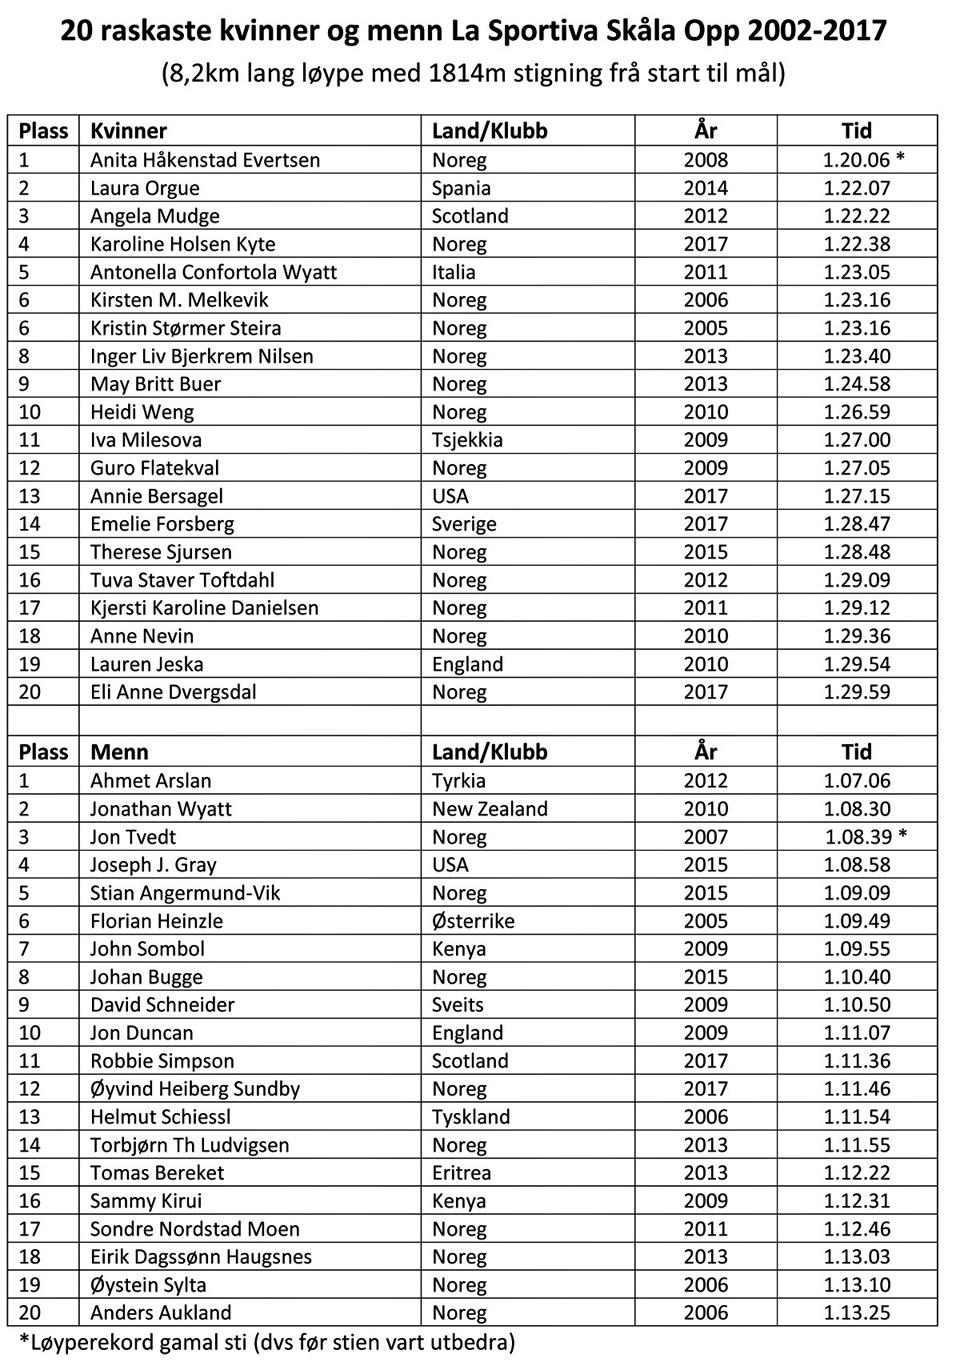 960_20 raskaste kvinner og menn Skåla Opp 2002-2017.jpg